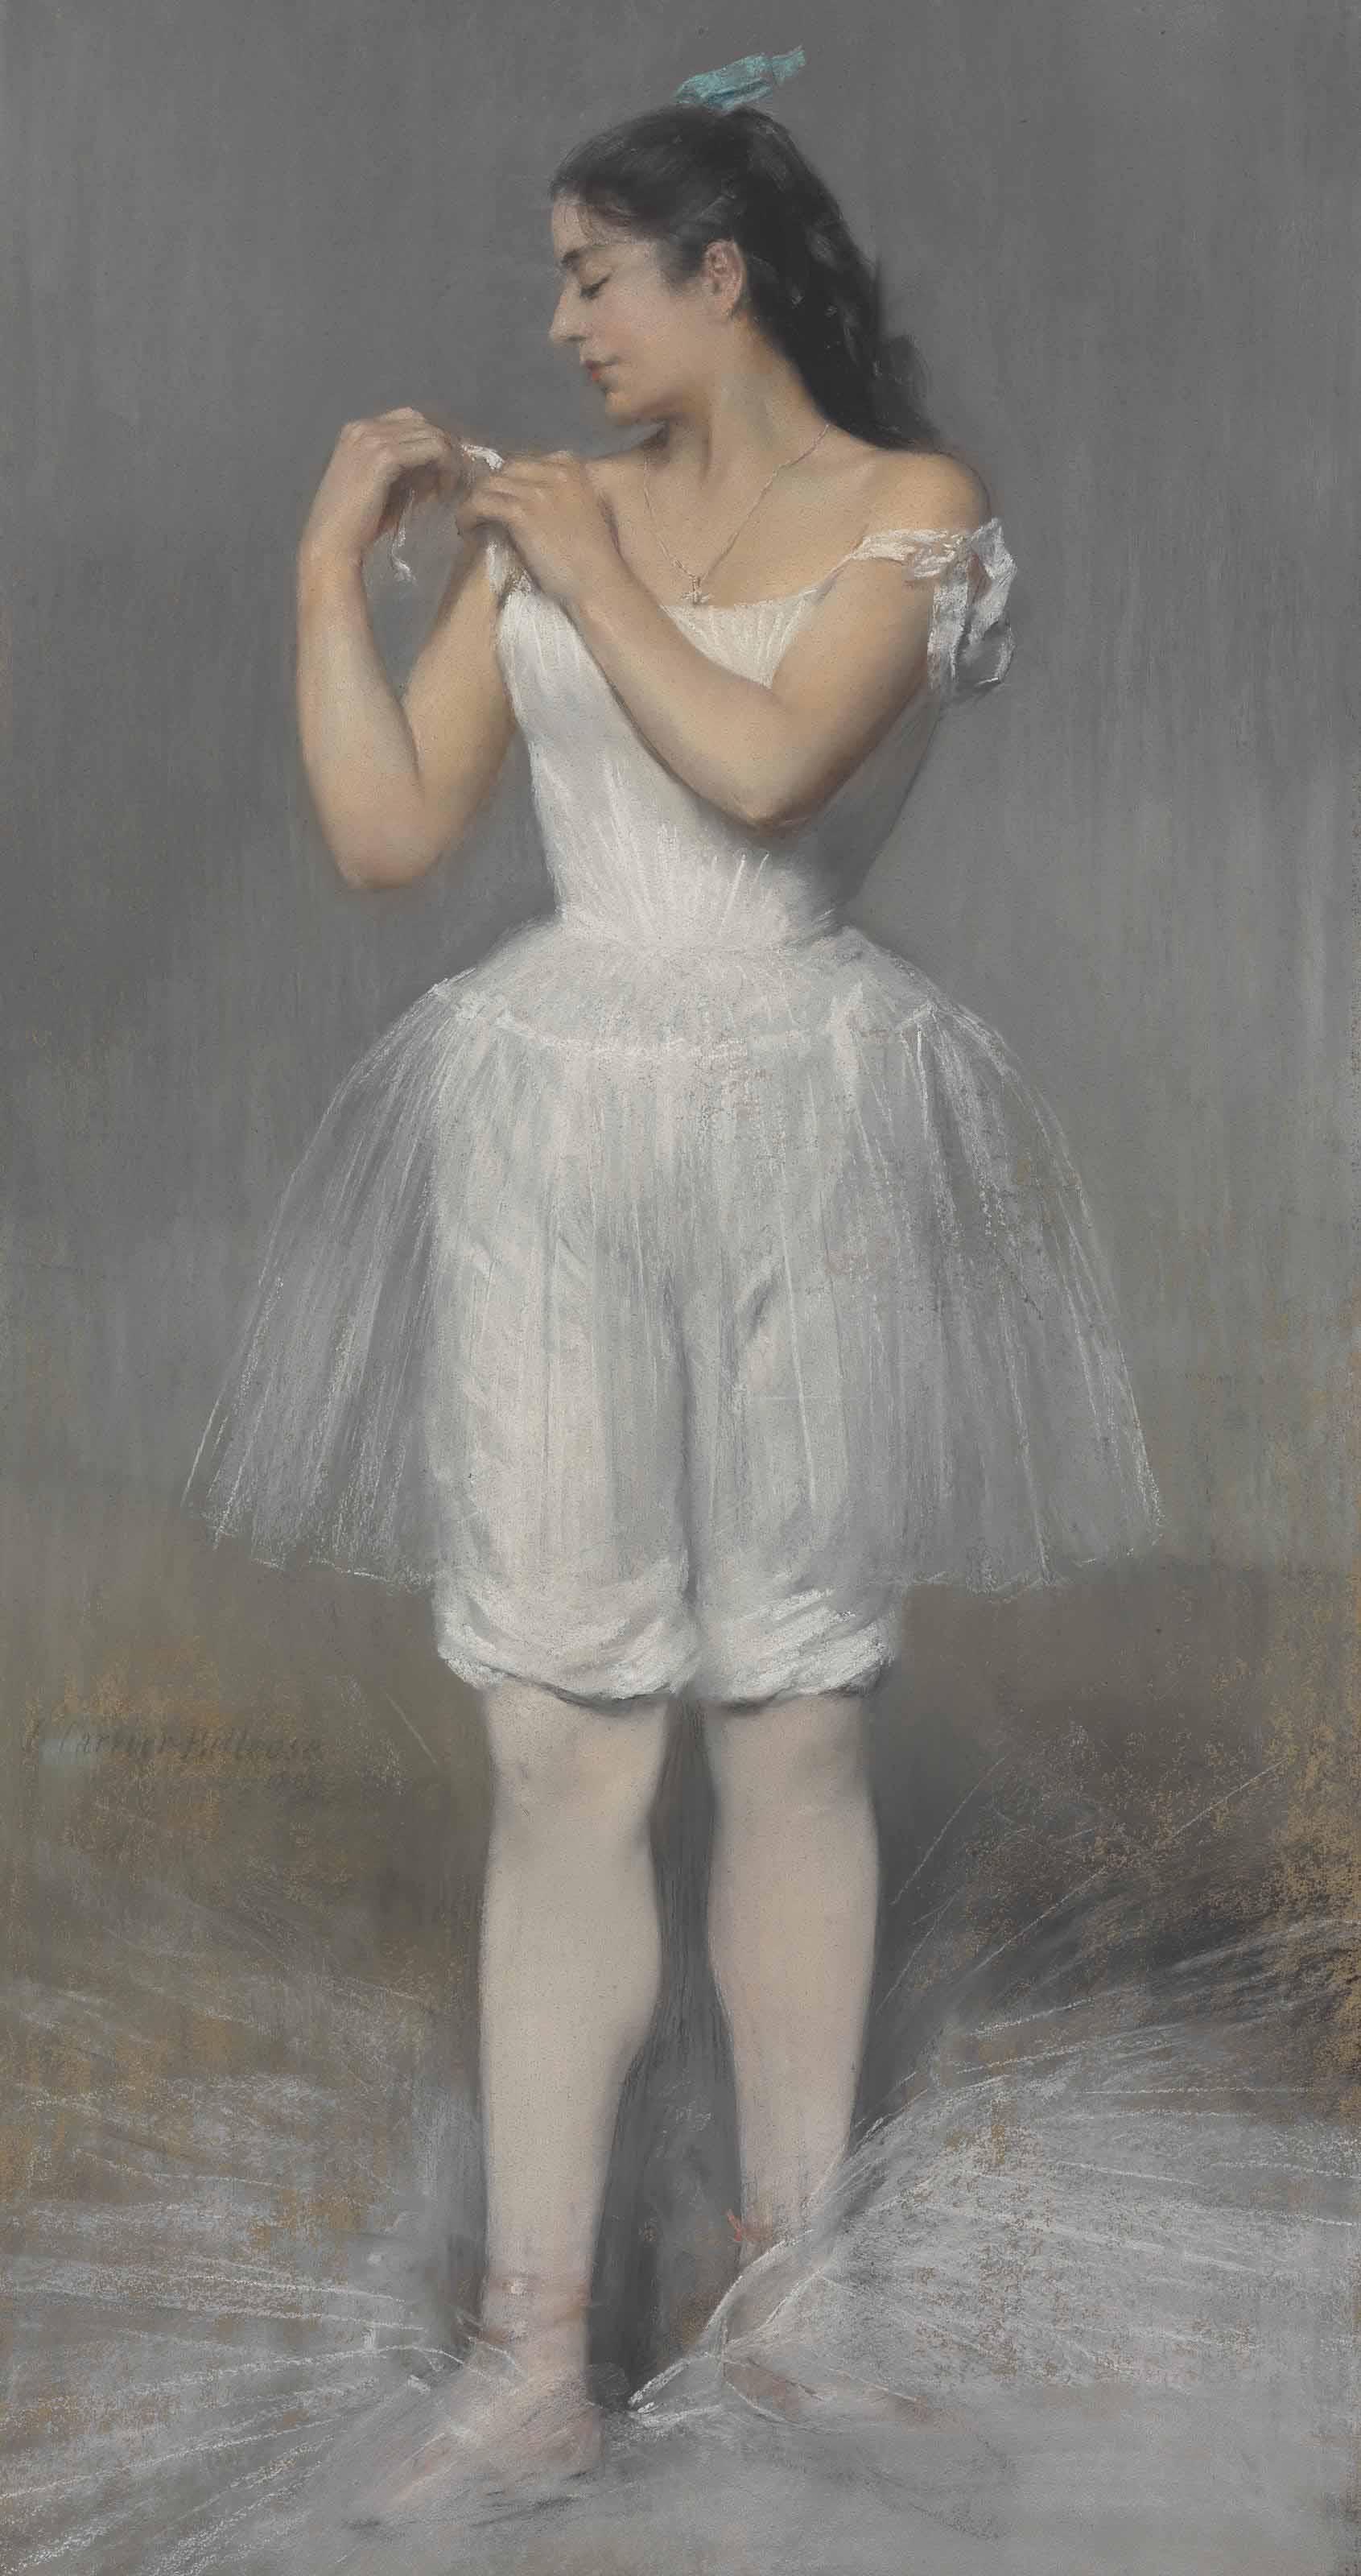 Ballerina adjusting her Shoulder Strap